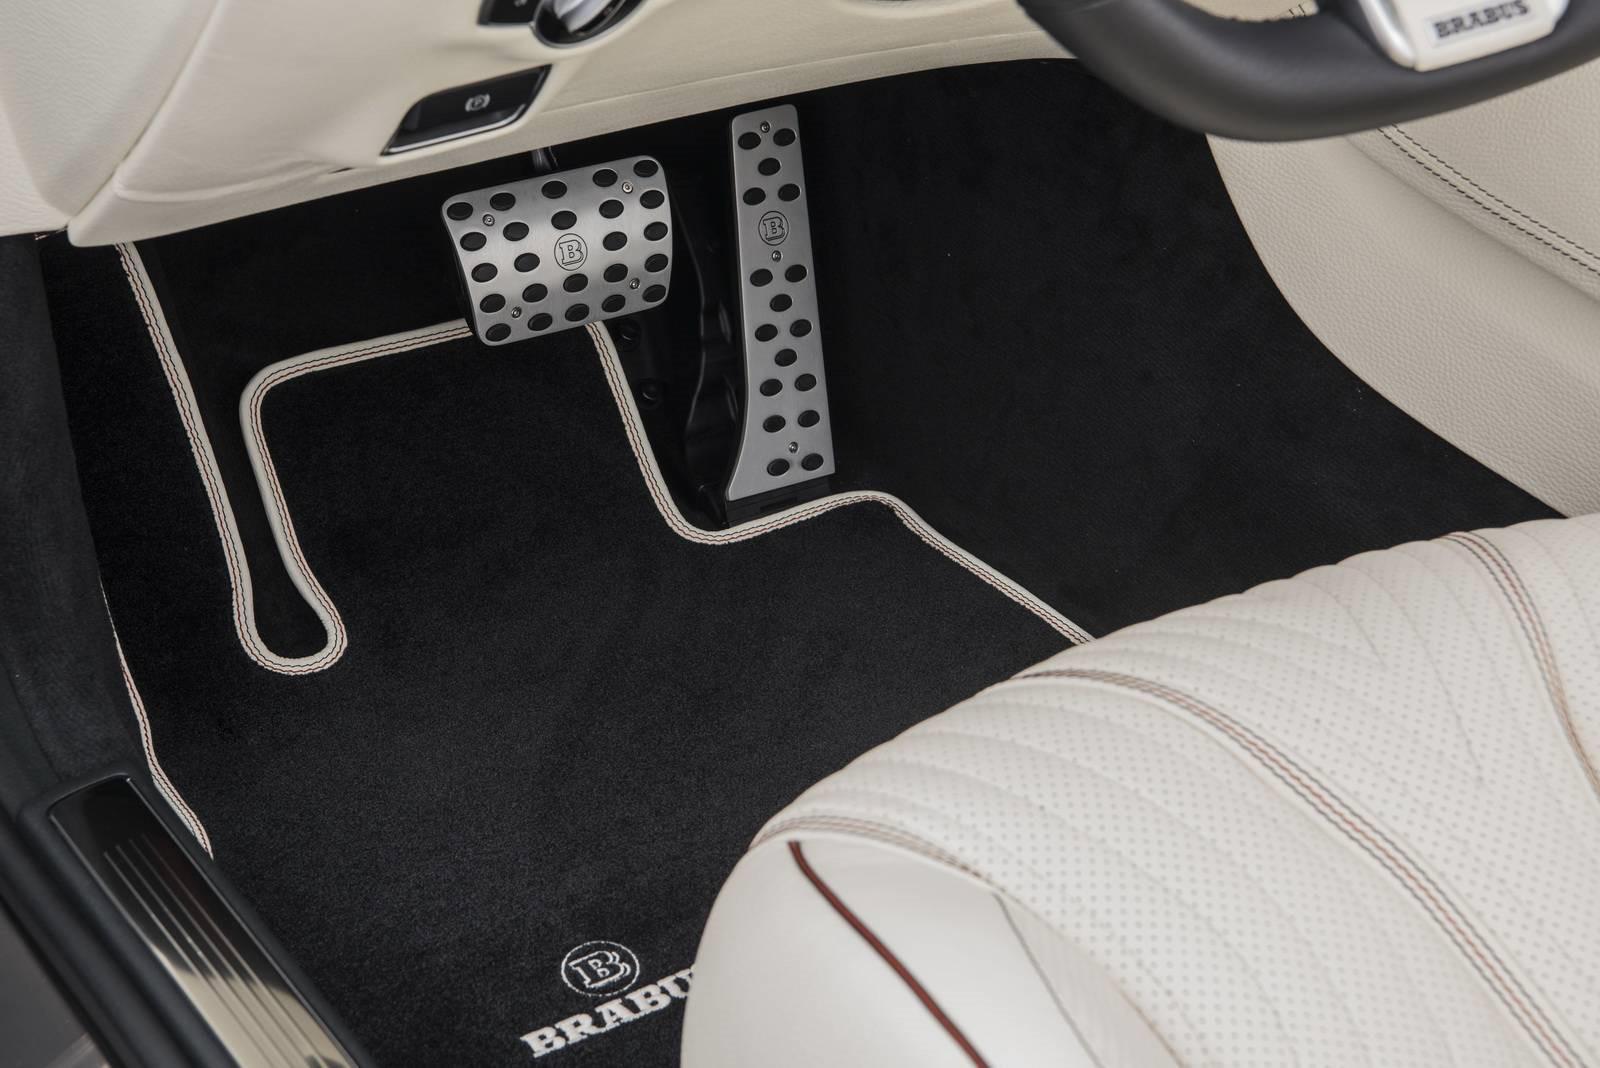 le-cabriolet-4-places-le-plus-puissant-et-le-plus-rapide-au-monde-brabus-rocket-900-cabriolet-411-13.jpg